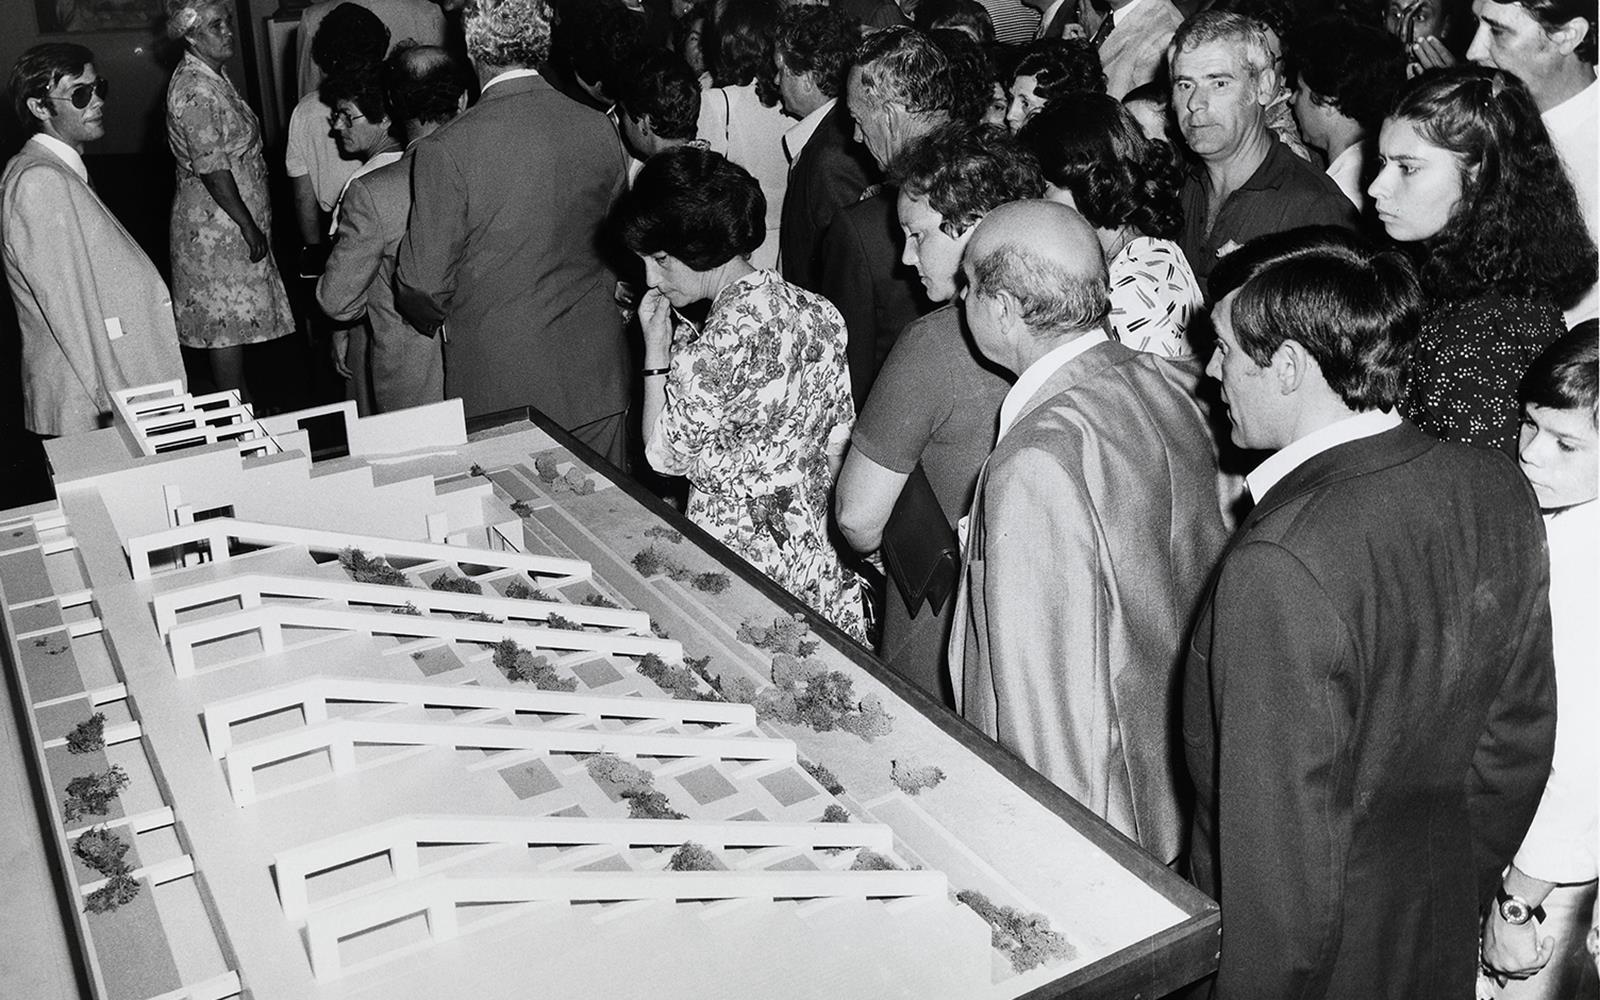 Antevisão do Centro de Arte Moderna. 25.º Aniversário da Fundação Calouste Gulbenkian